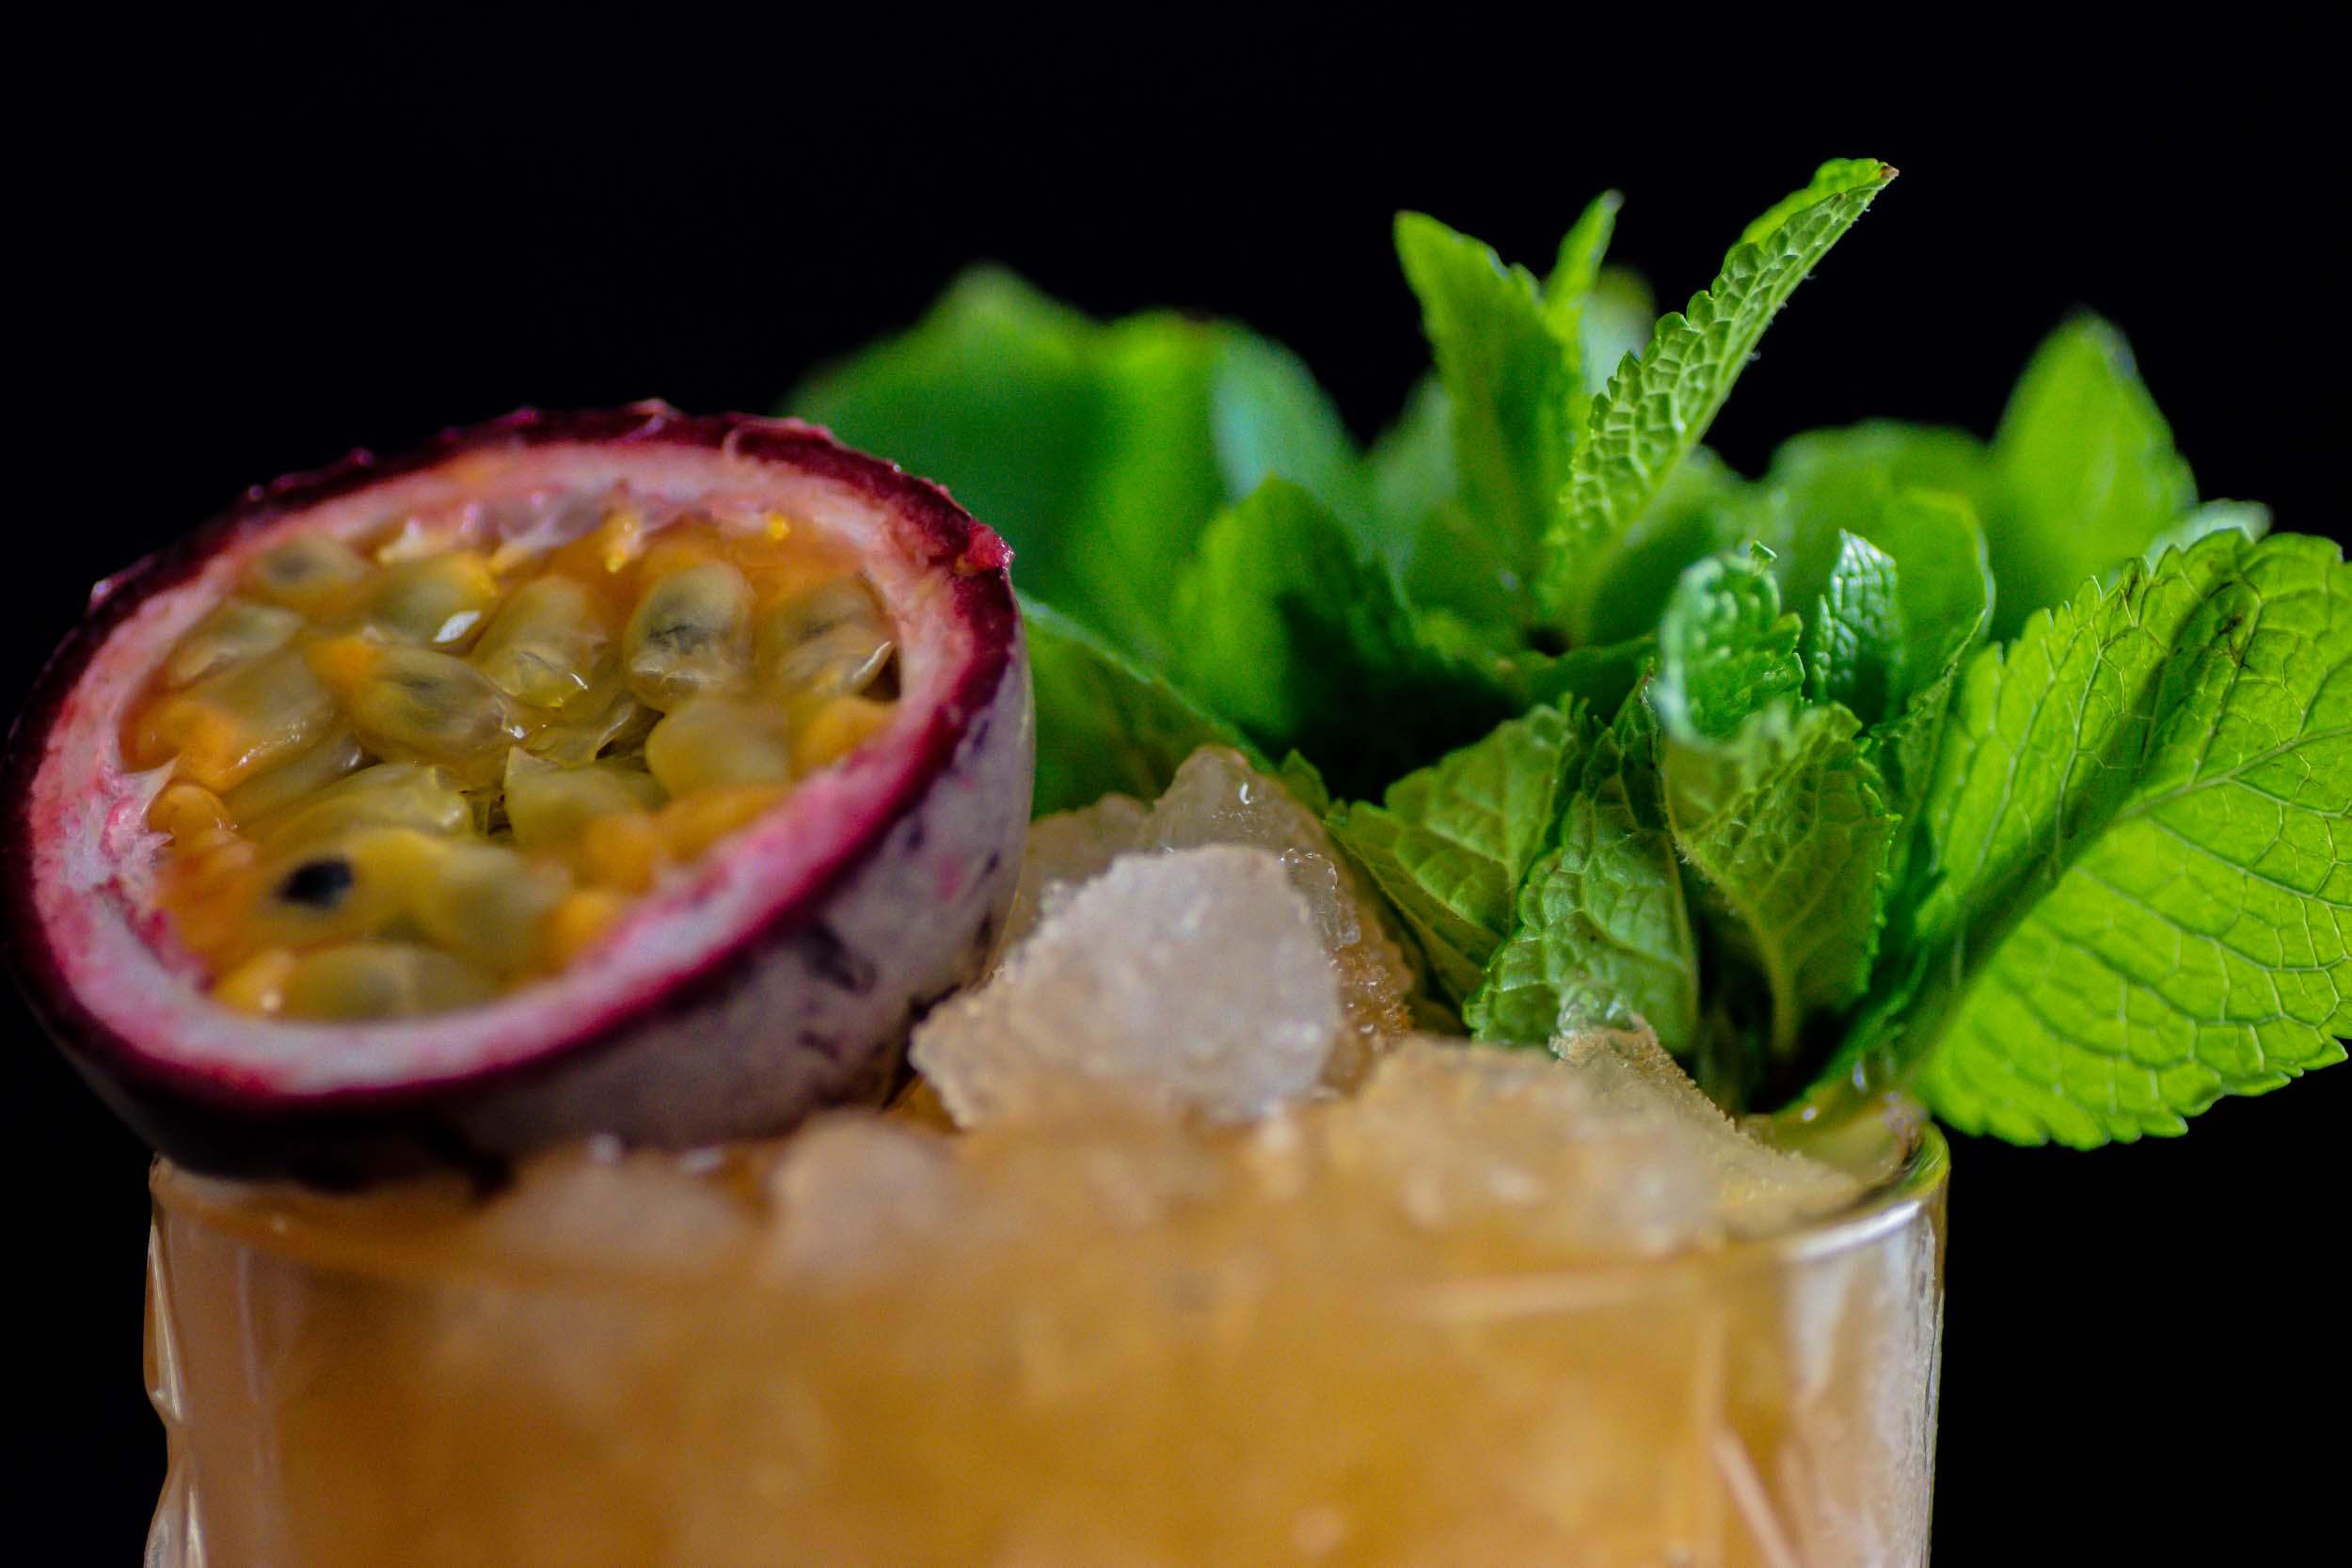 Bei der Garnitur des Turnbuckle könnt ihr eurer Fantasie freien Lauf lassen. Aber Minze geht für tropische Cocktails echt immer.